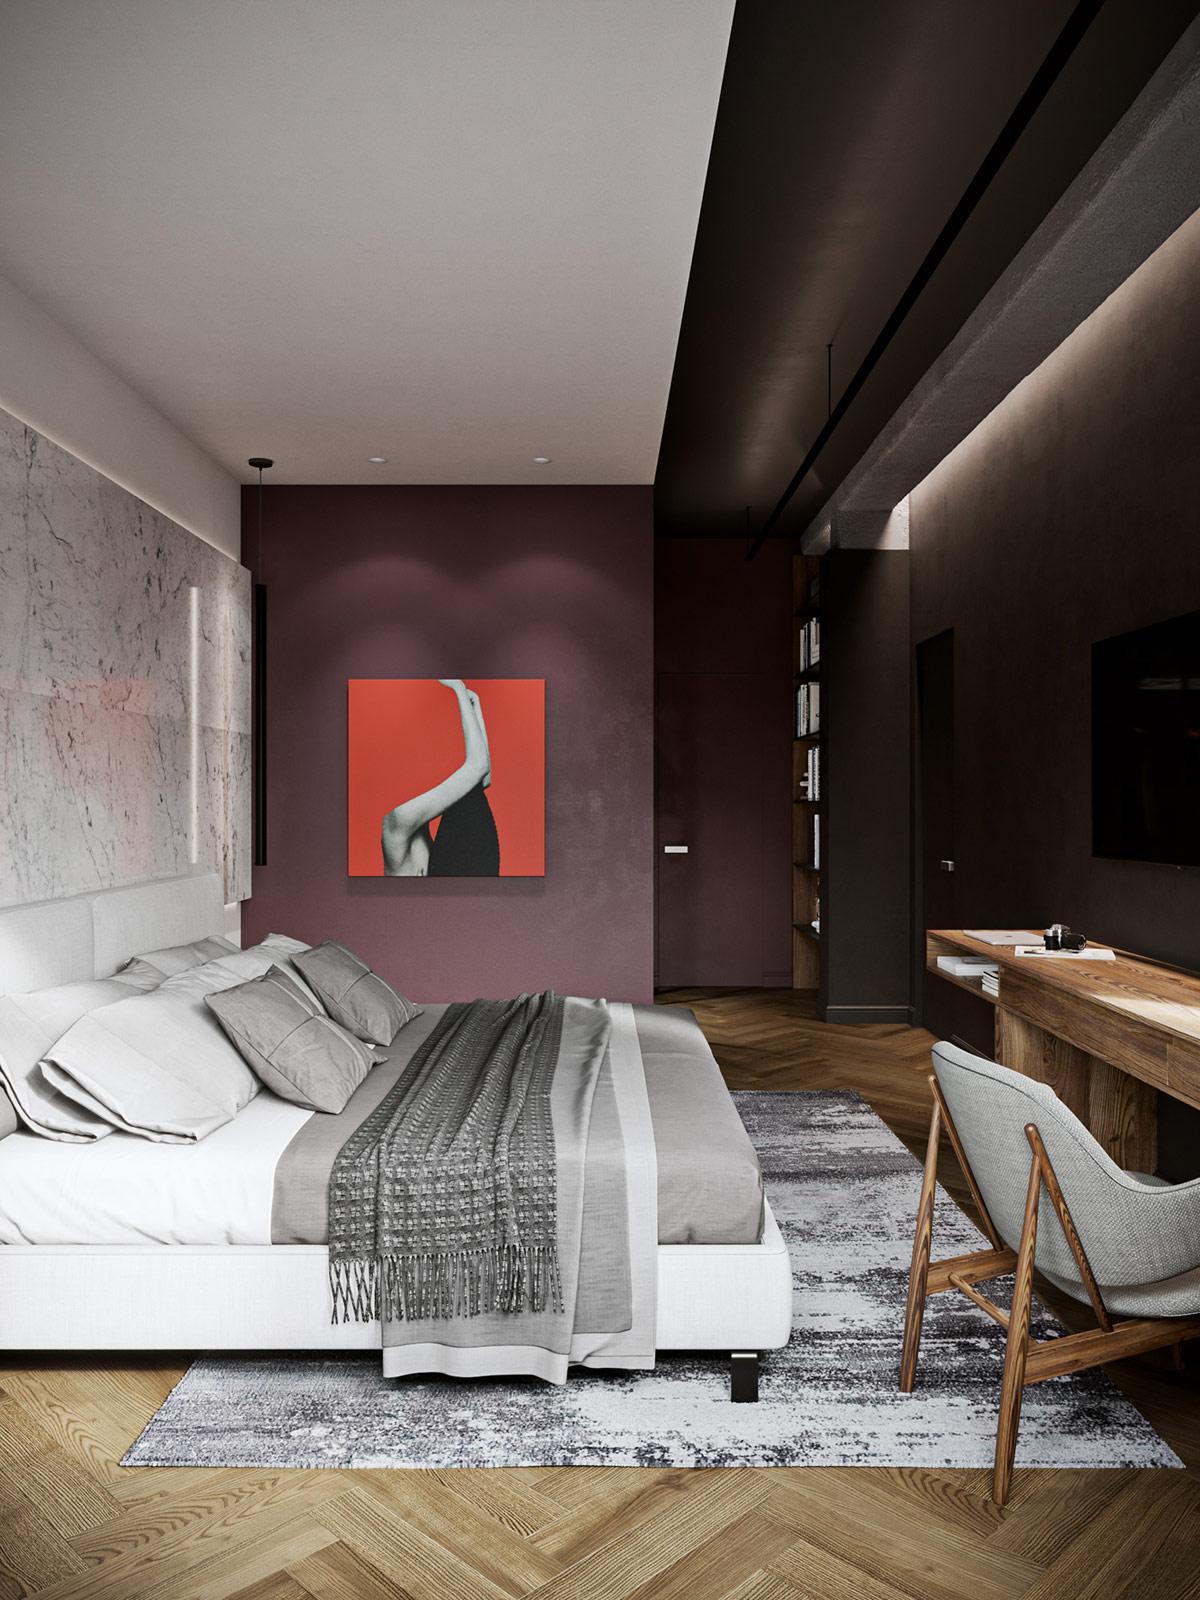 Décoration La Conception De La Maison Moderne Colorée